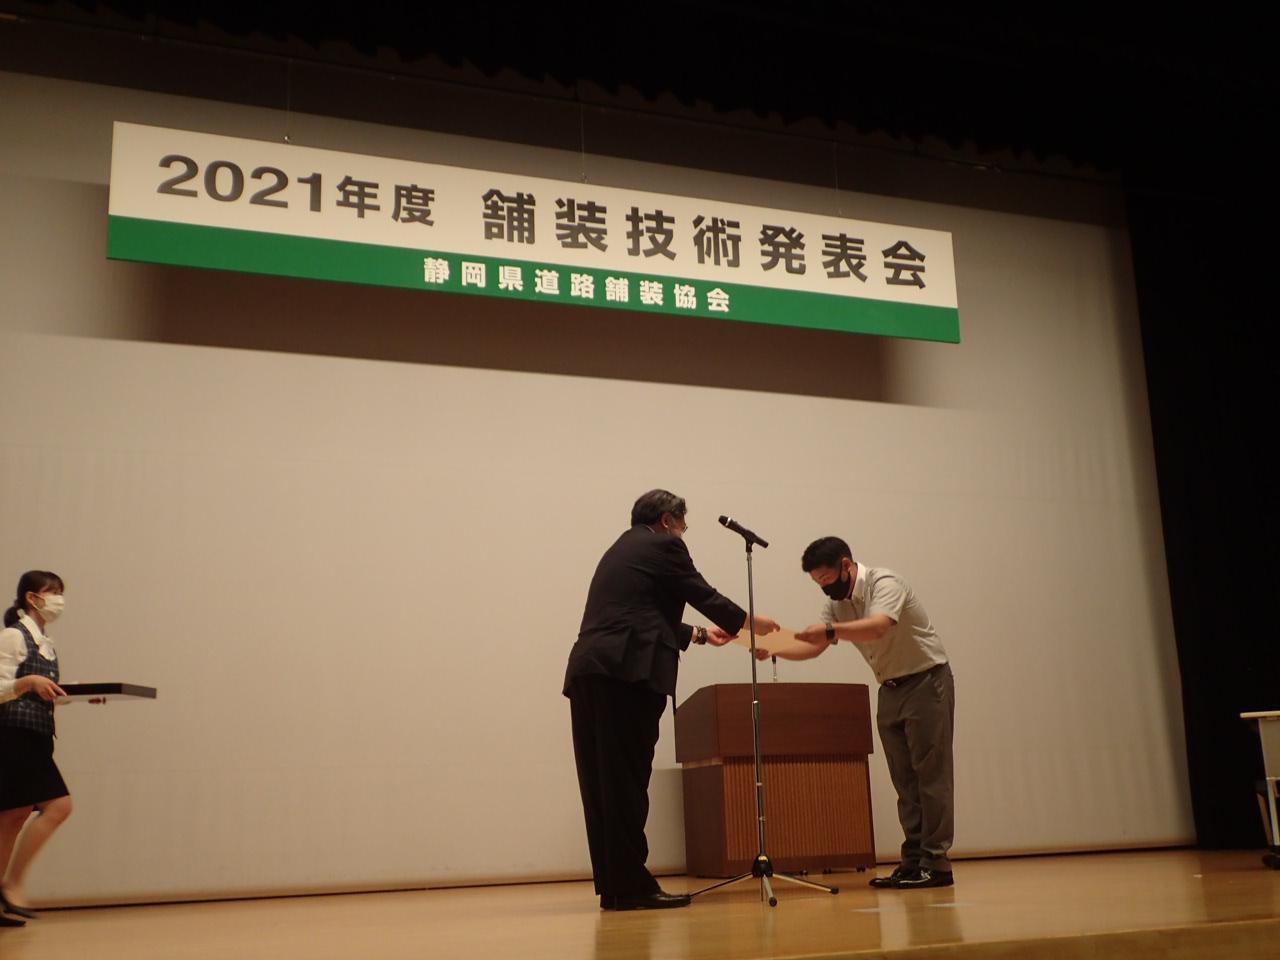 令和3年度 静岡県道路舗装協会 舗装技術発表会にて最優秀賞を受賞いたしました!